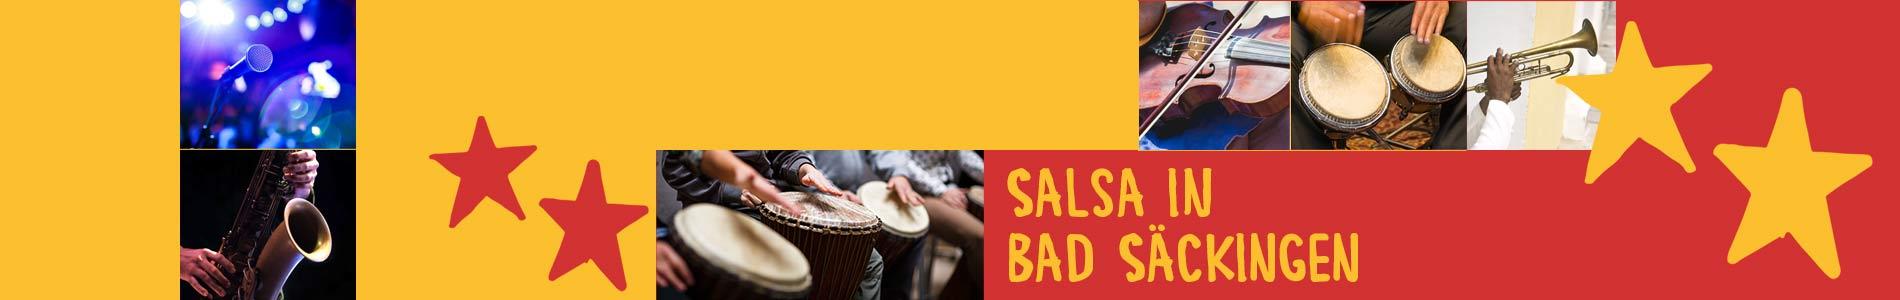 Salsa in Bad Säckingen – Salsa lernen und tanzen, Tanzkurse, Partys, Veranstaltungen